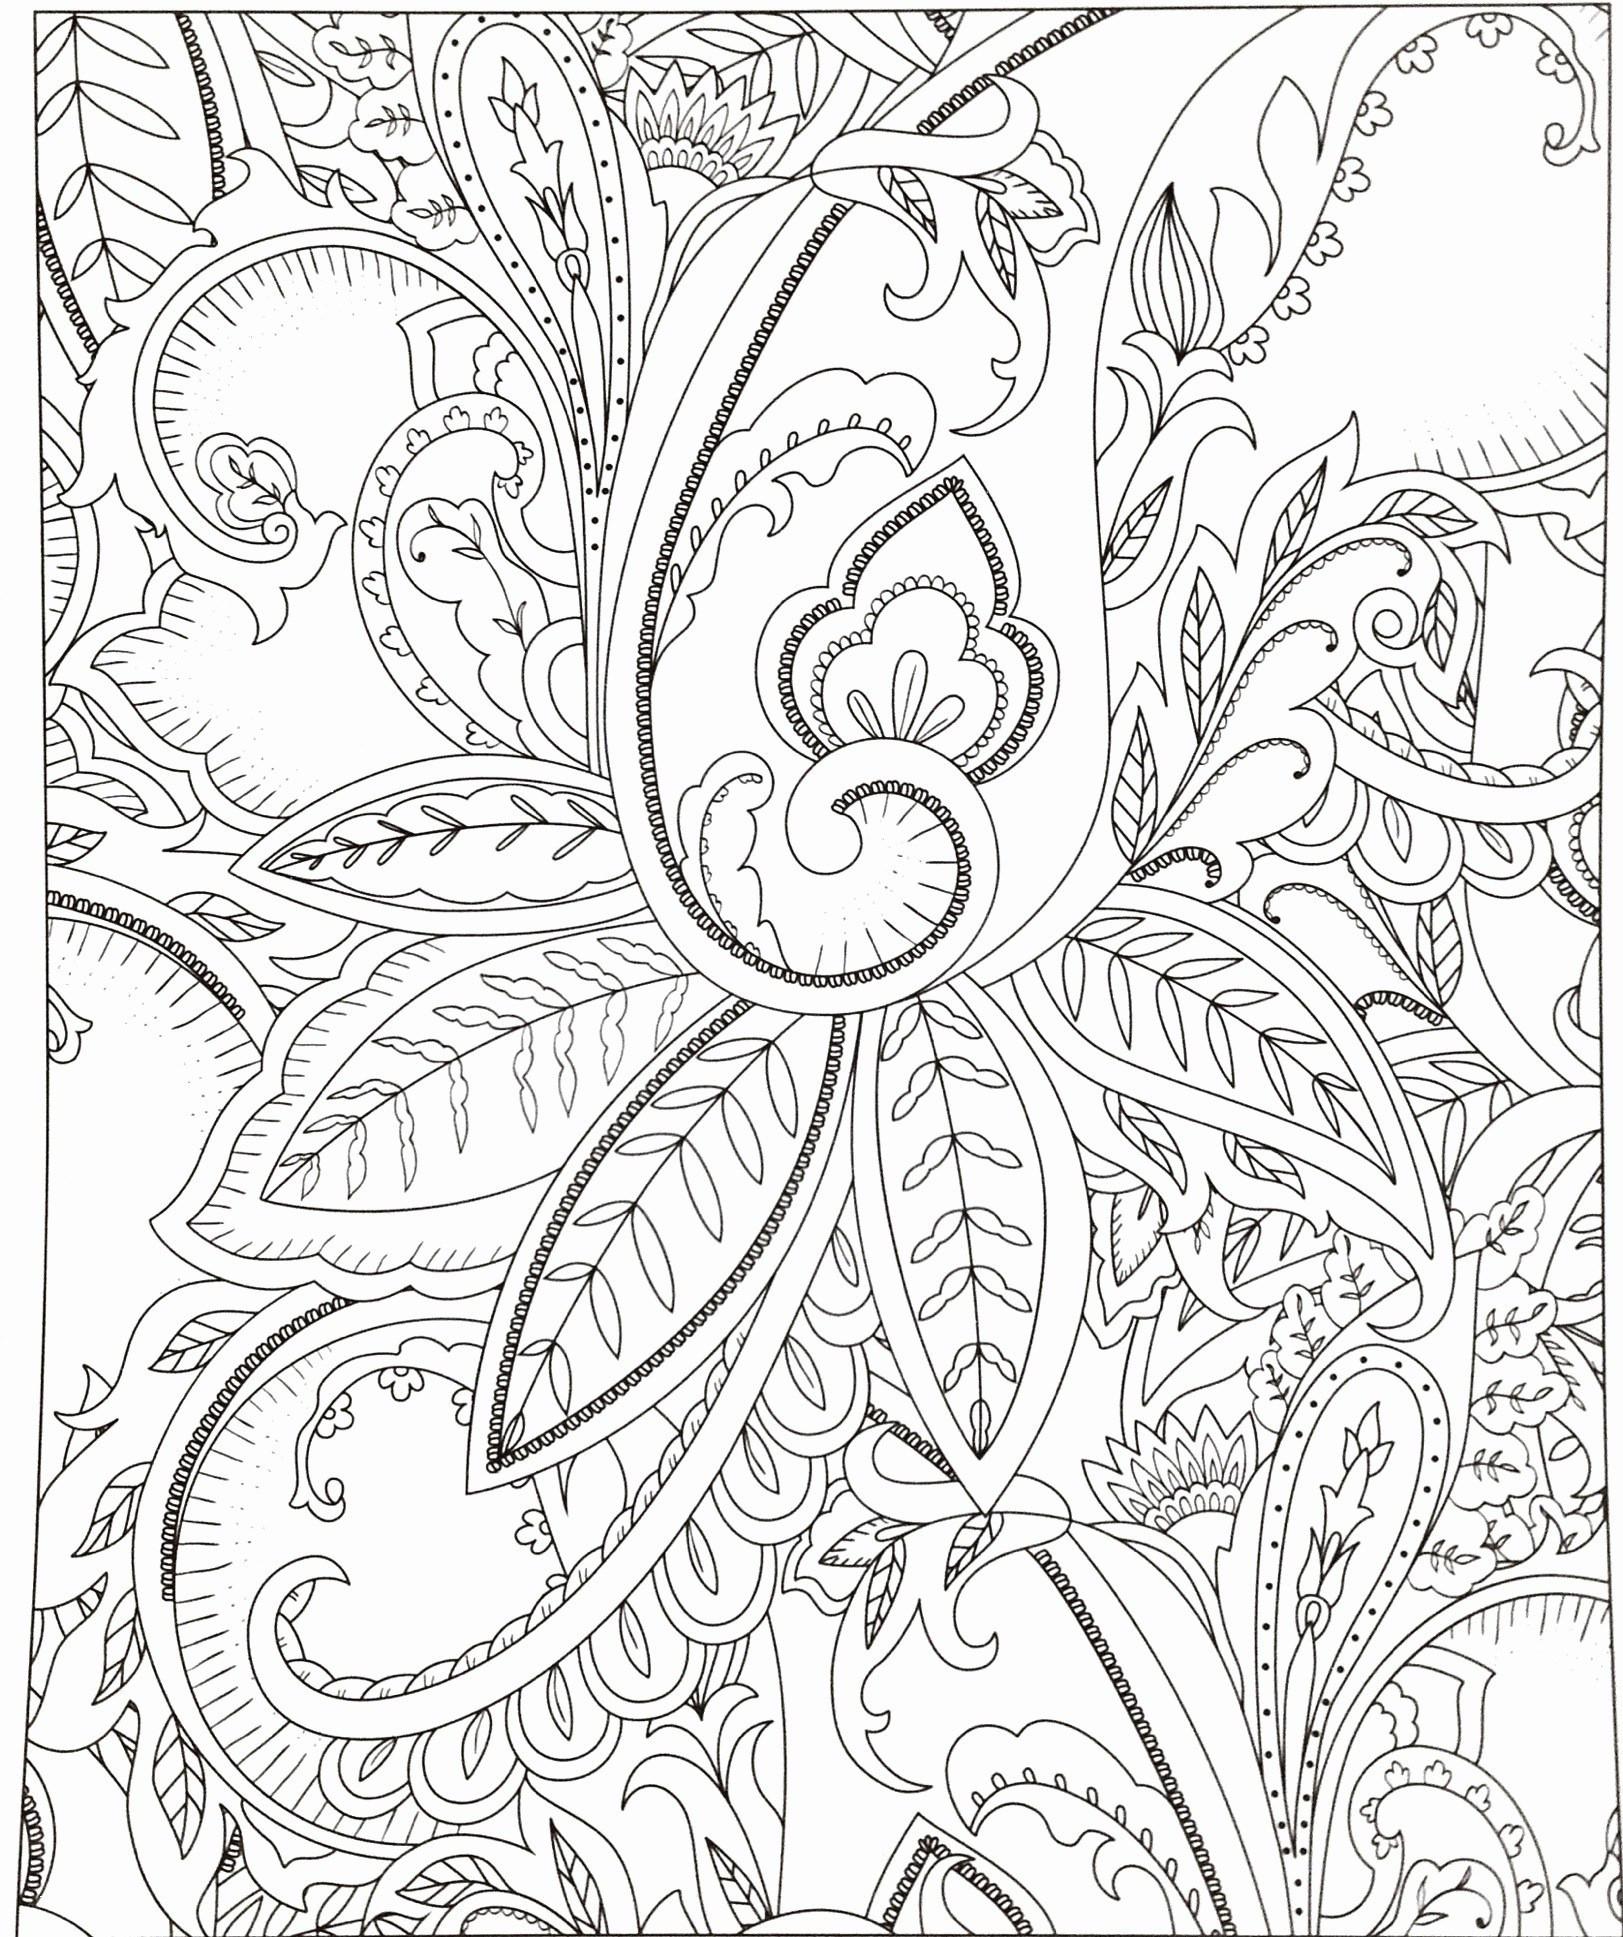 Malvorlage Blumen ornamente Genial 40 Ausmalbilder Blumen Zum Ausdrucken Scoredatscore Frisch Bild